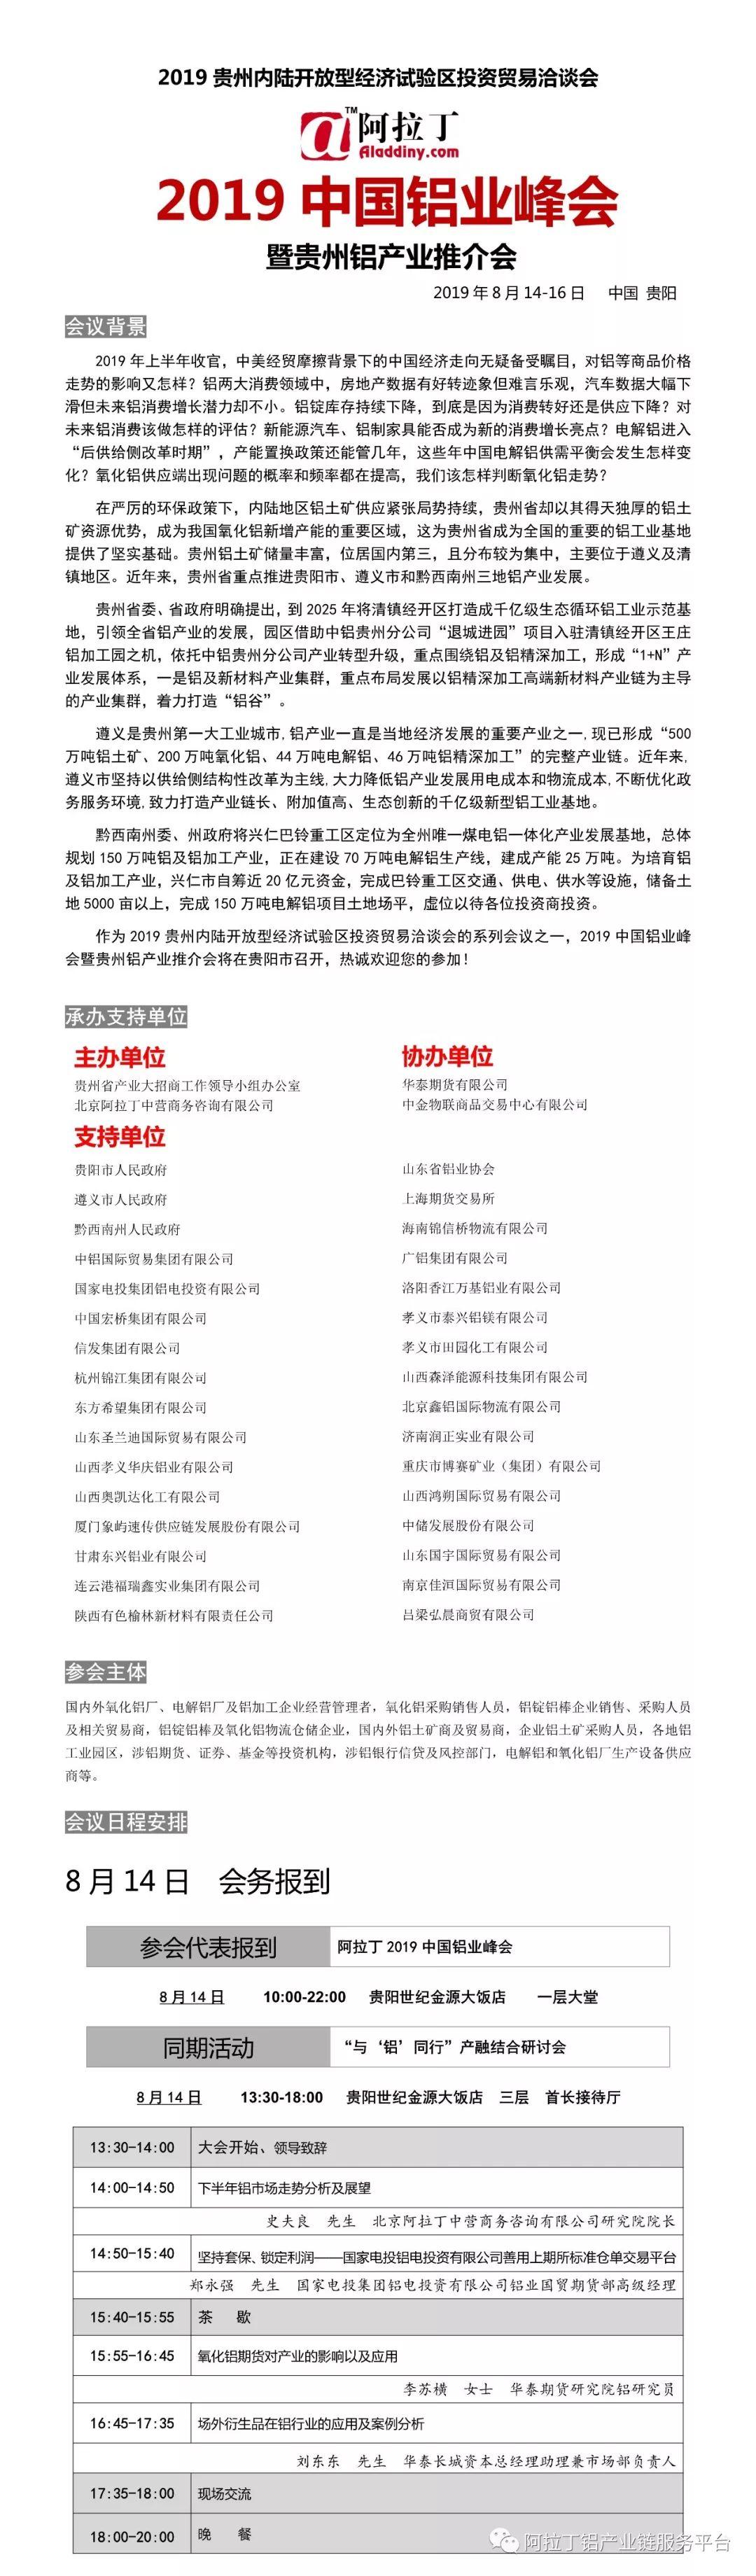 2019中国铝业峰会智慧会务系统插图